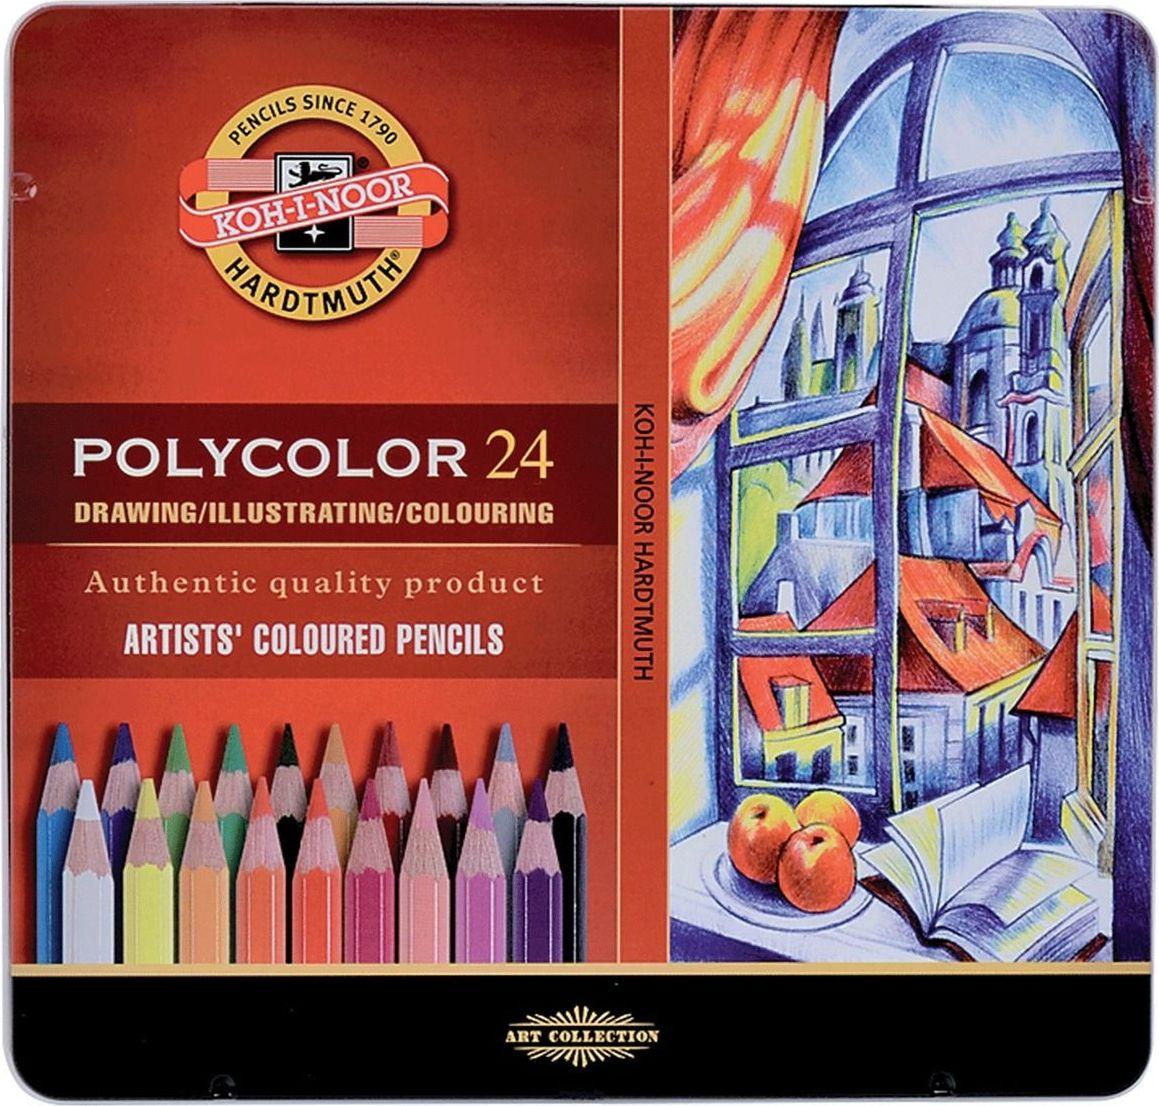 Koh-I-Noor Набор цветных карандашей Polycolor 24 шт181022Профессиональные цветные карандаши Koh-i-Noor высокого качества. Предназначены для использования в графическом искусстве, где важна четкая передача цвета и линий. Абсолютная чистота, насыщенность и равномерность цвета по всей поверхности рисунка.